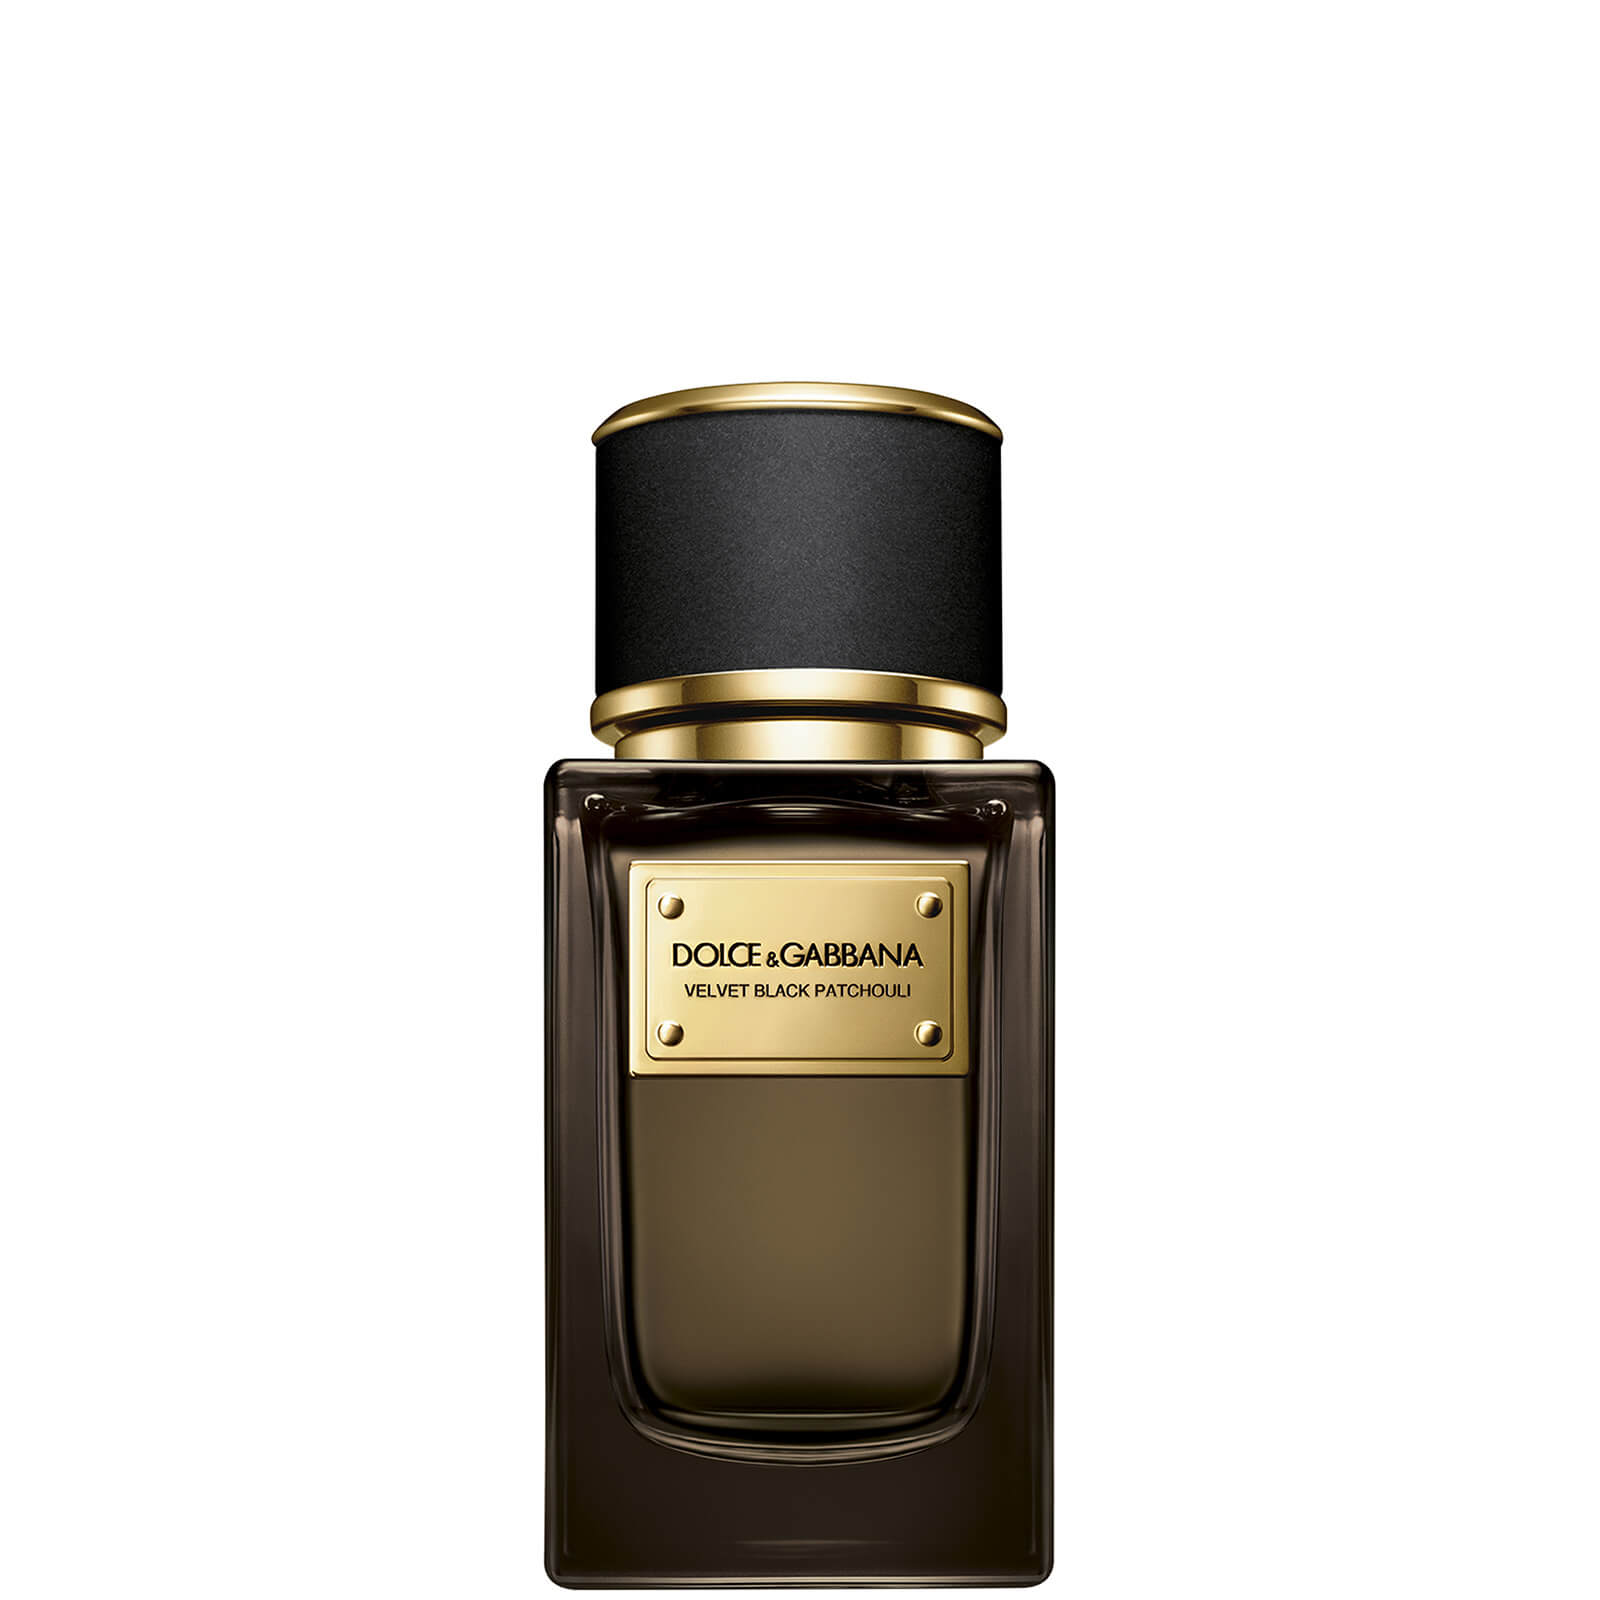 Dolce&Gabbana Velvet Black Patchouli Eau de Parfum (Various Sizes) - 50ML